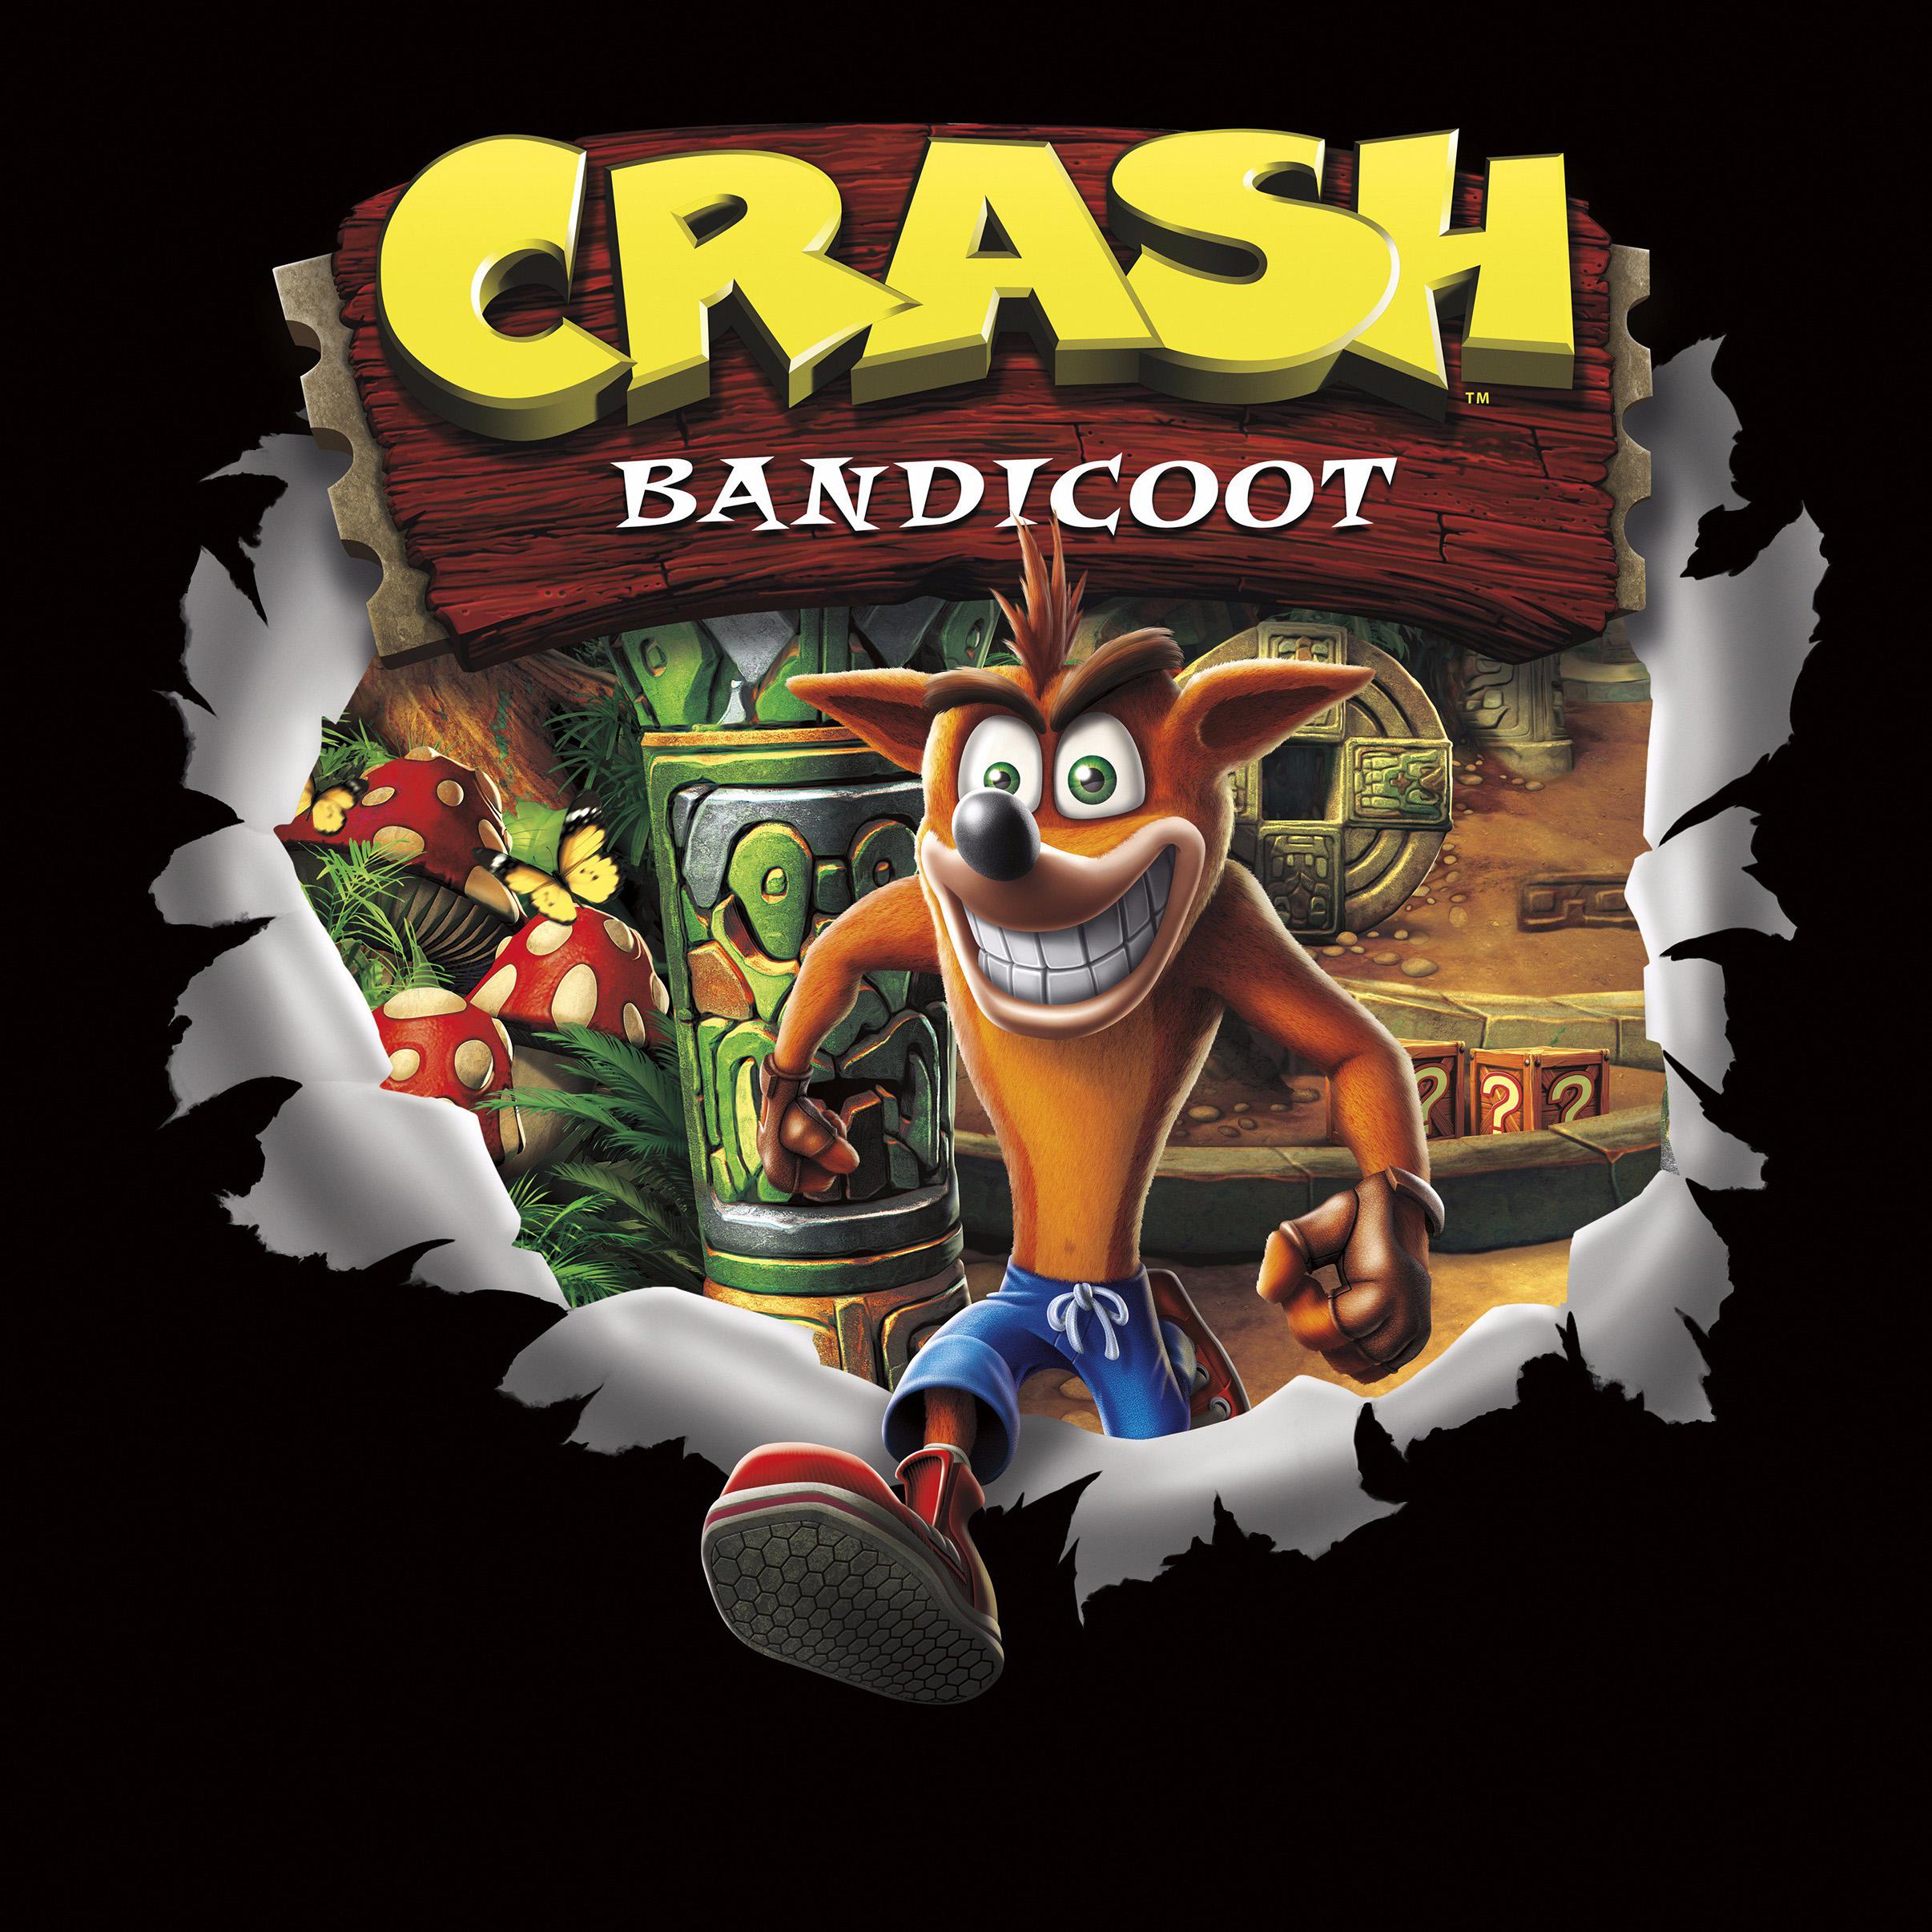 Crash Bandicoot Cover Art